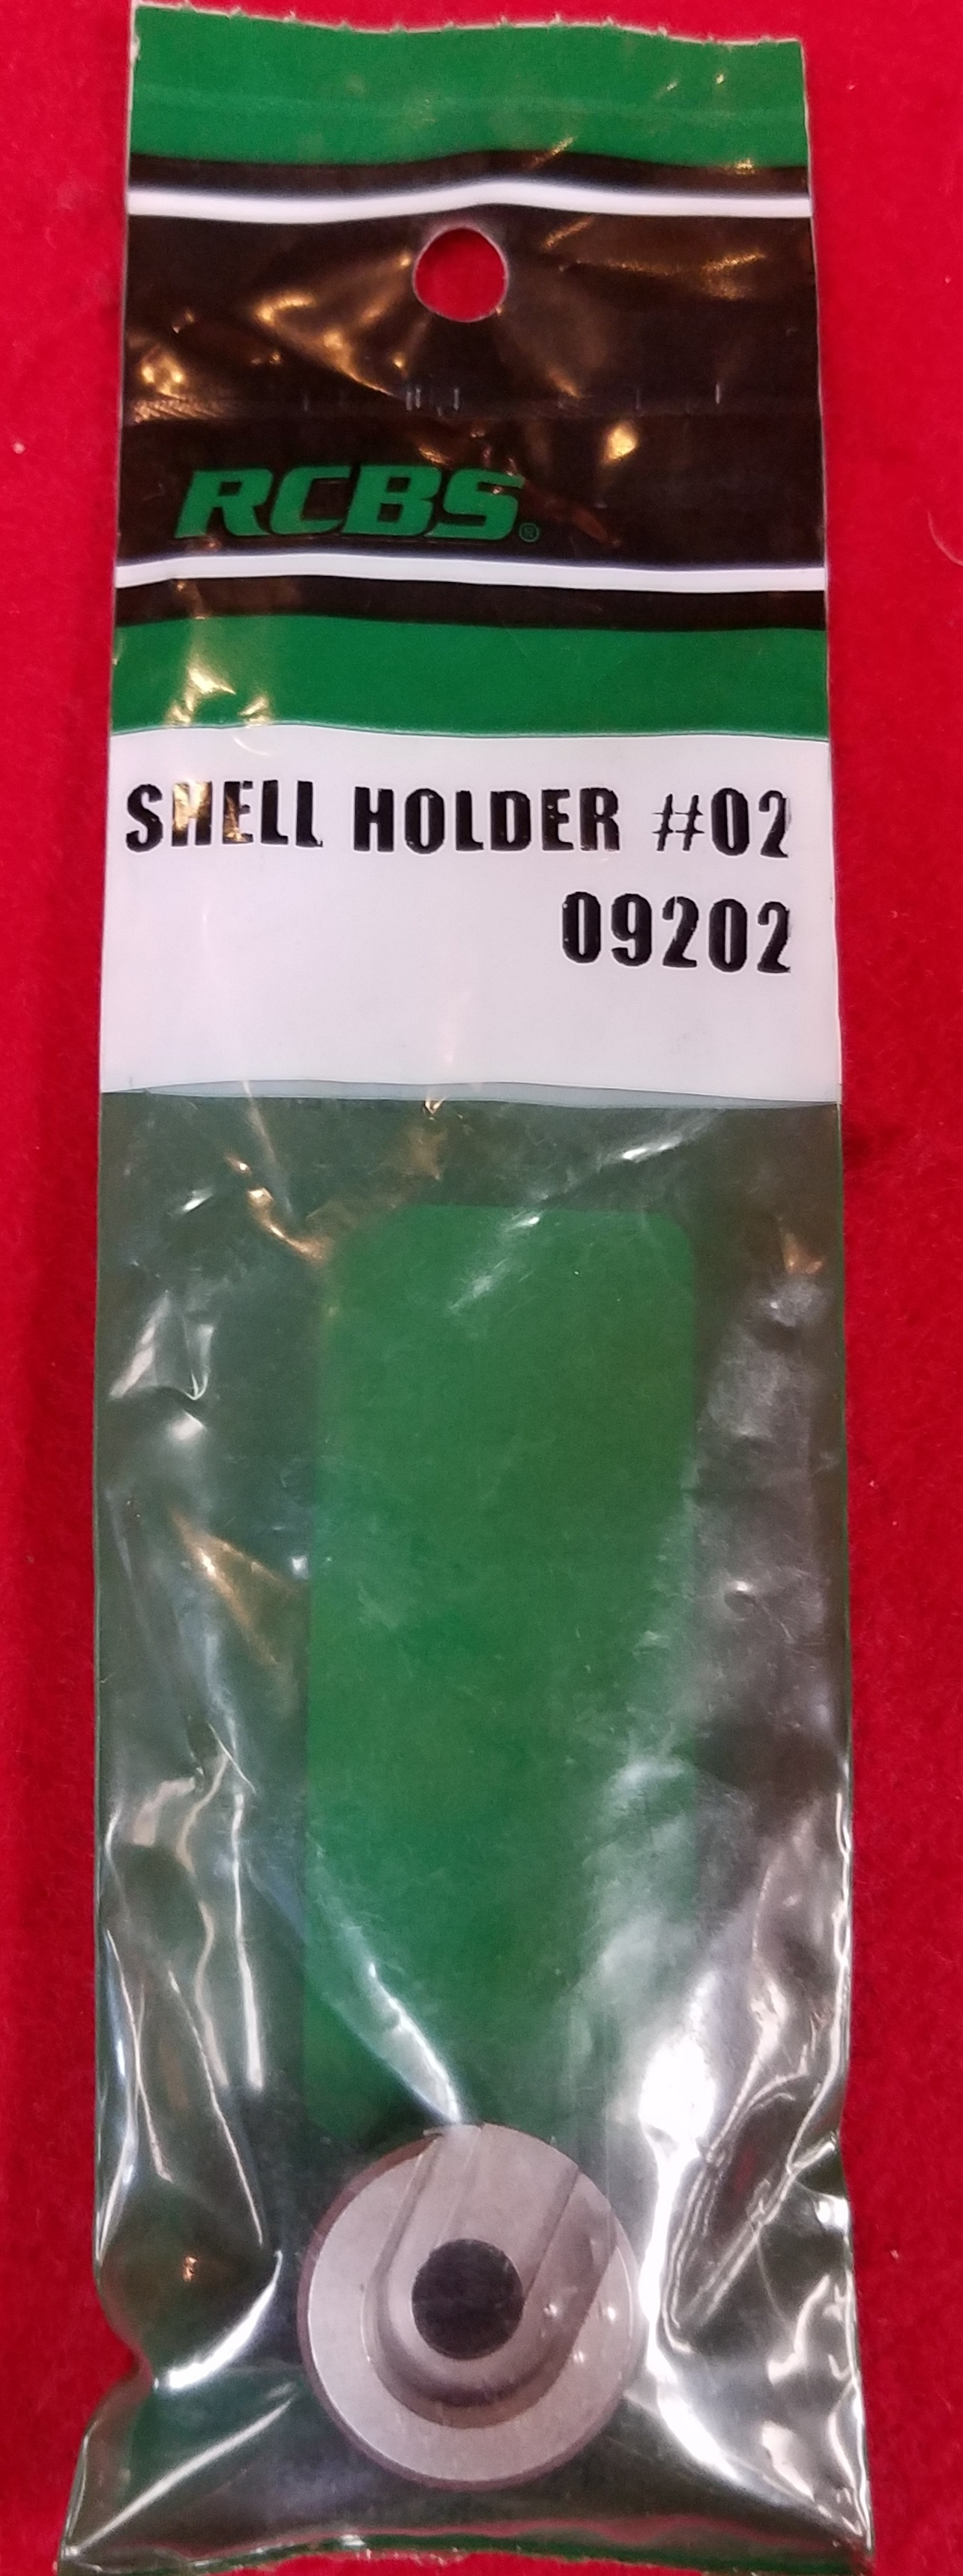 RCBS 09202 - SHELL HOLDER #2